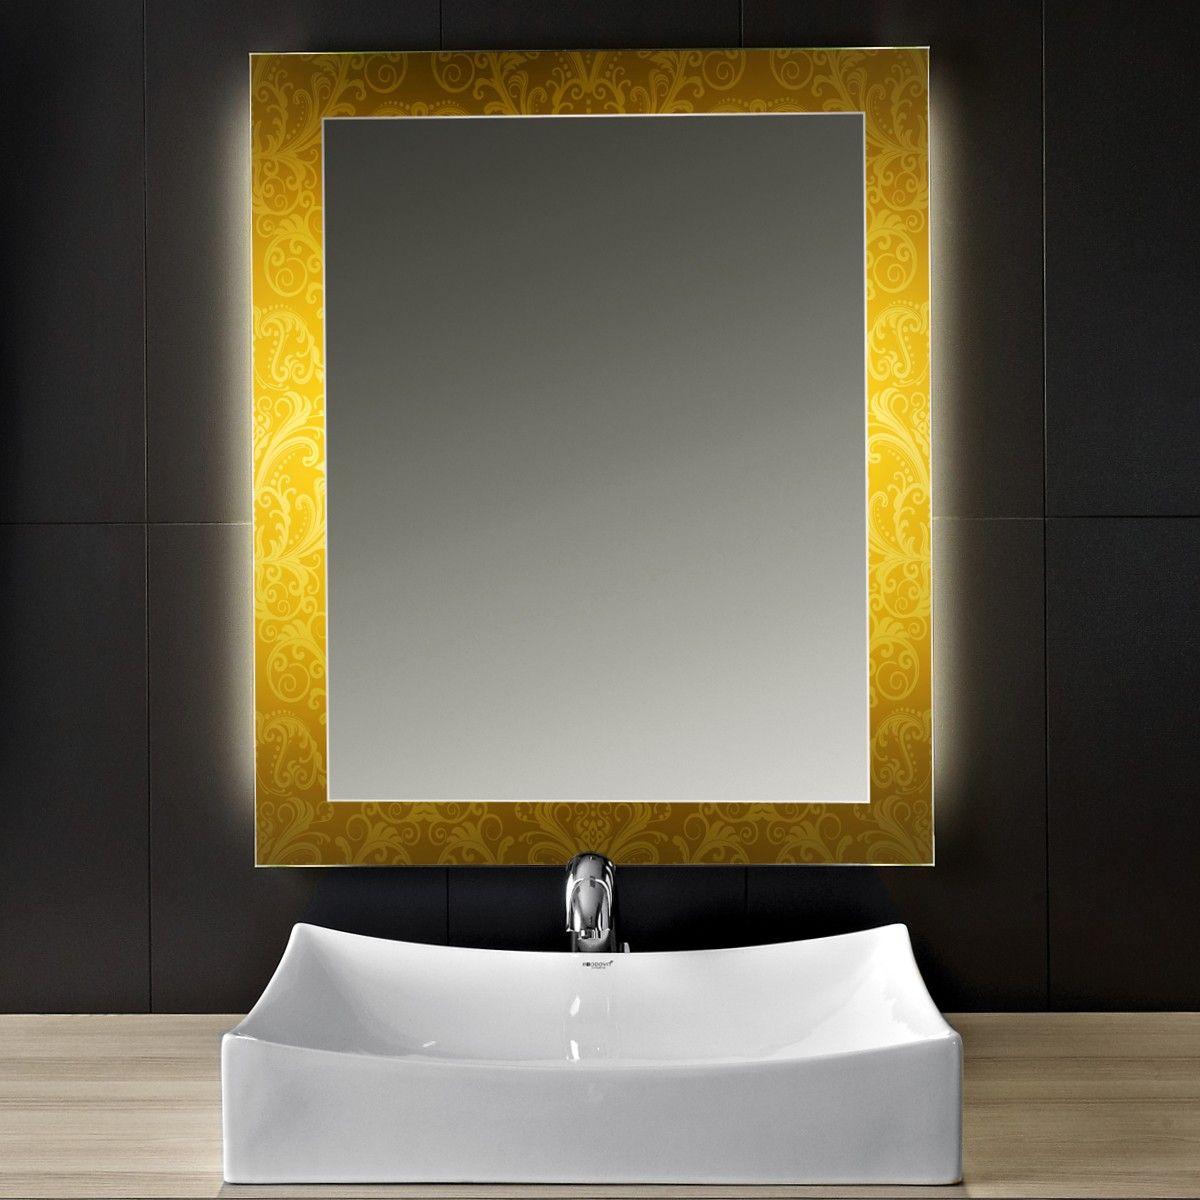 Design Effekt Spiegel Golden Century 160775002 Schone Schlafzimmer Schlafzimmer Einrichten Schlafzimmer Ideen